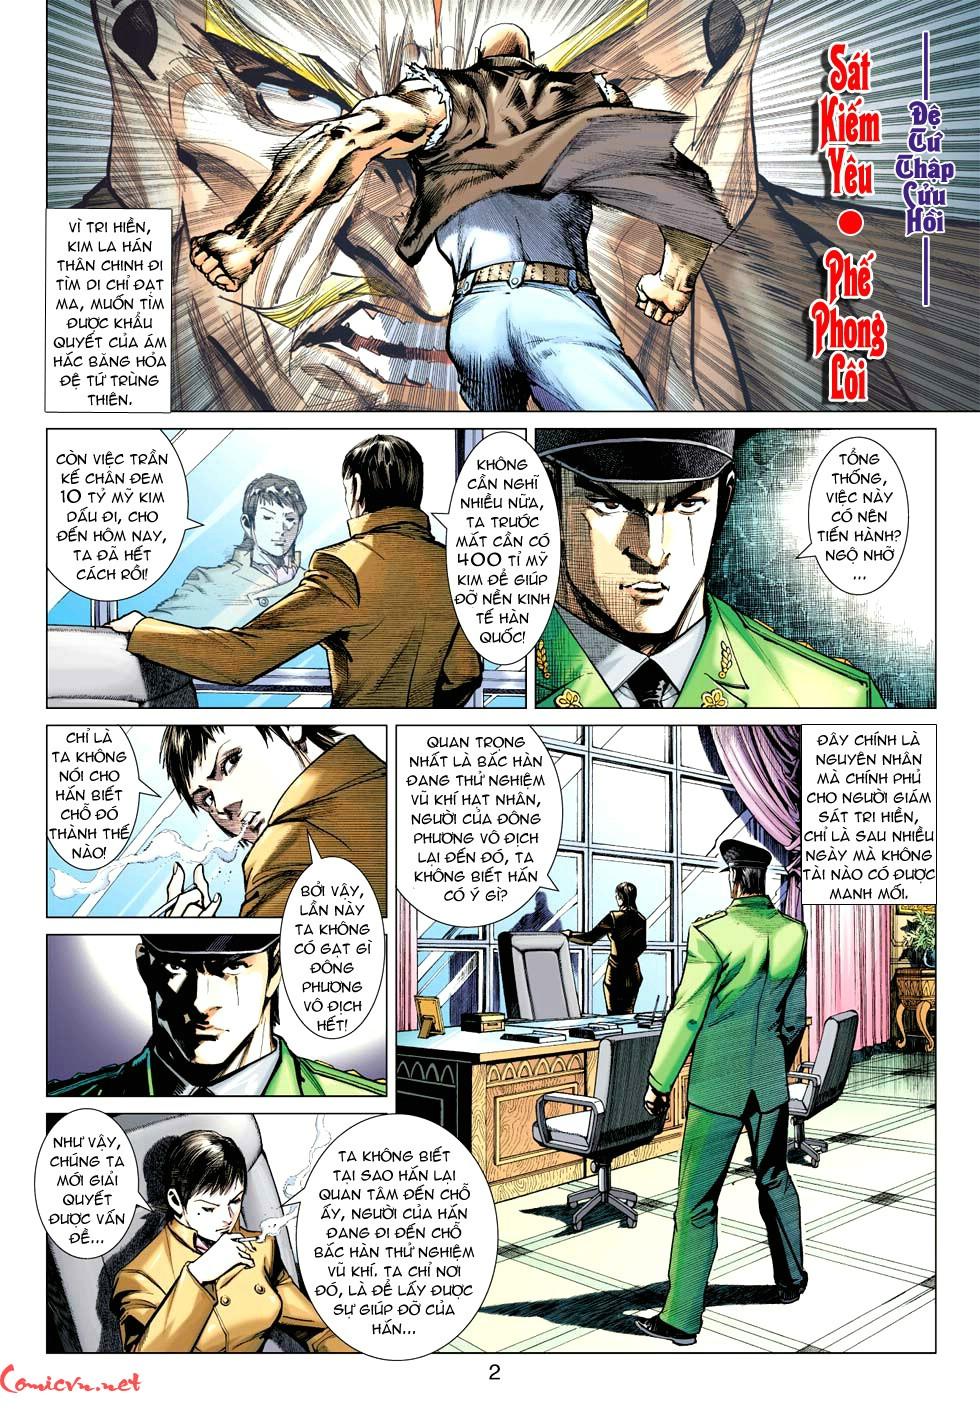 Vương Phong Lôi 1 chap 49 - Trang 2